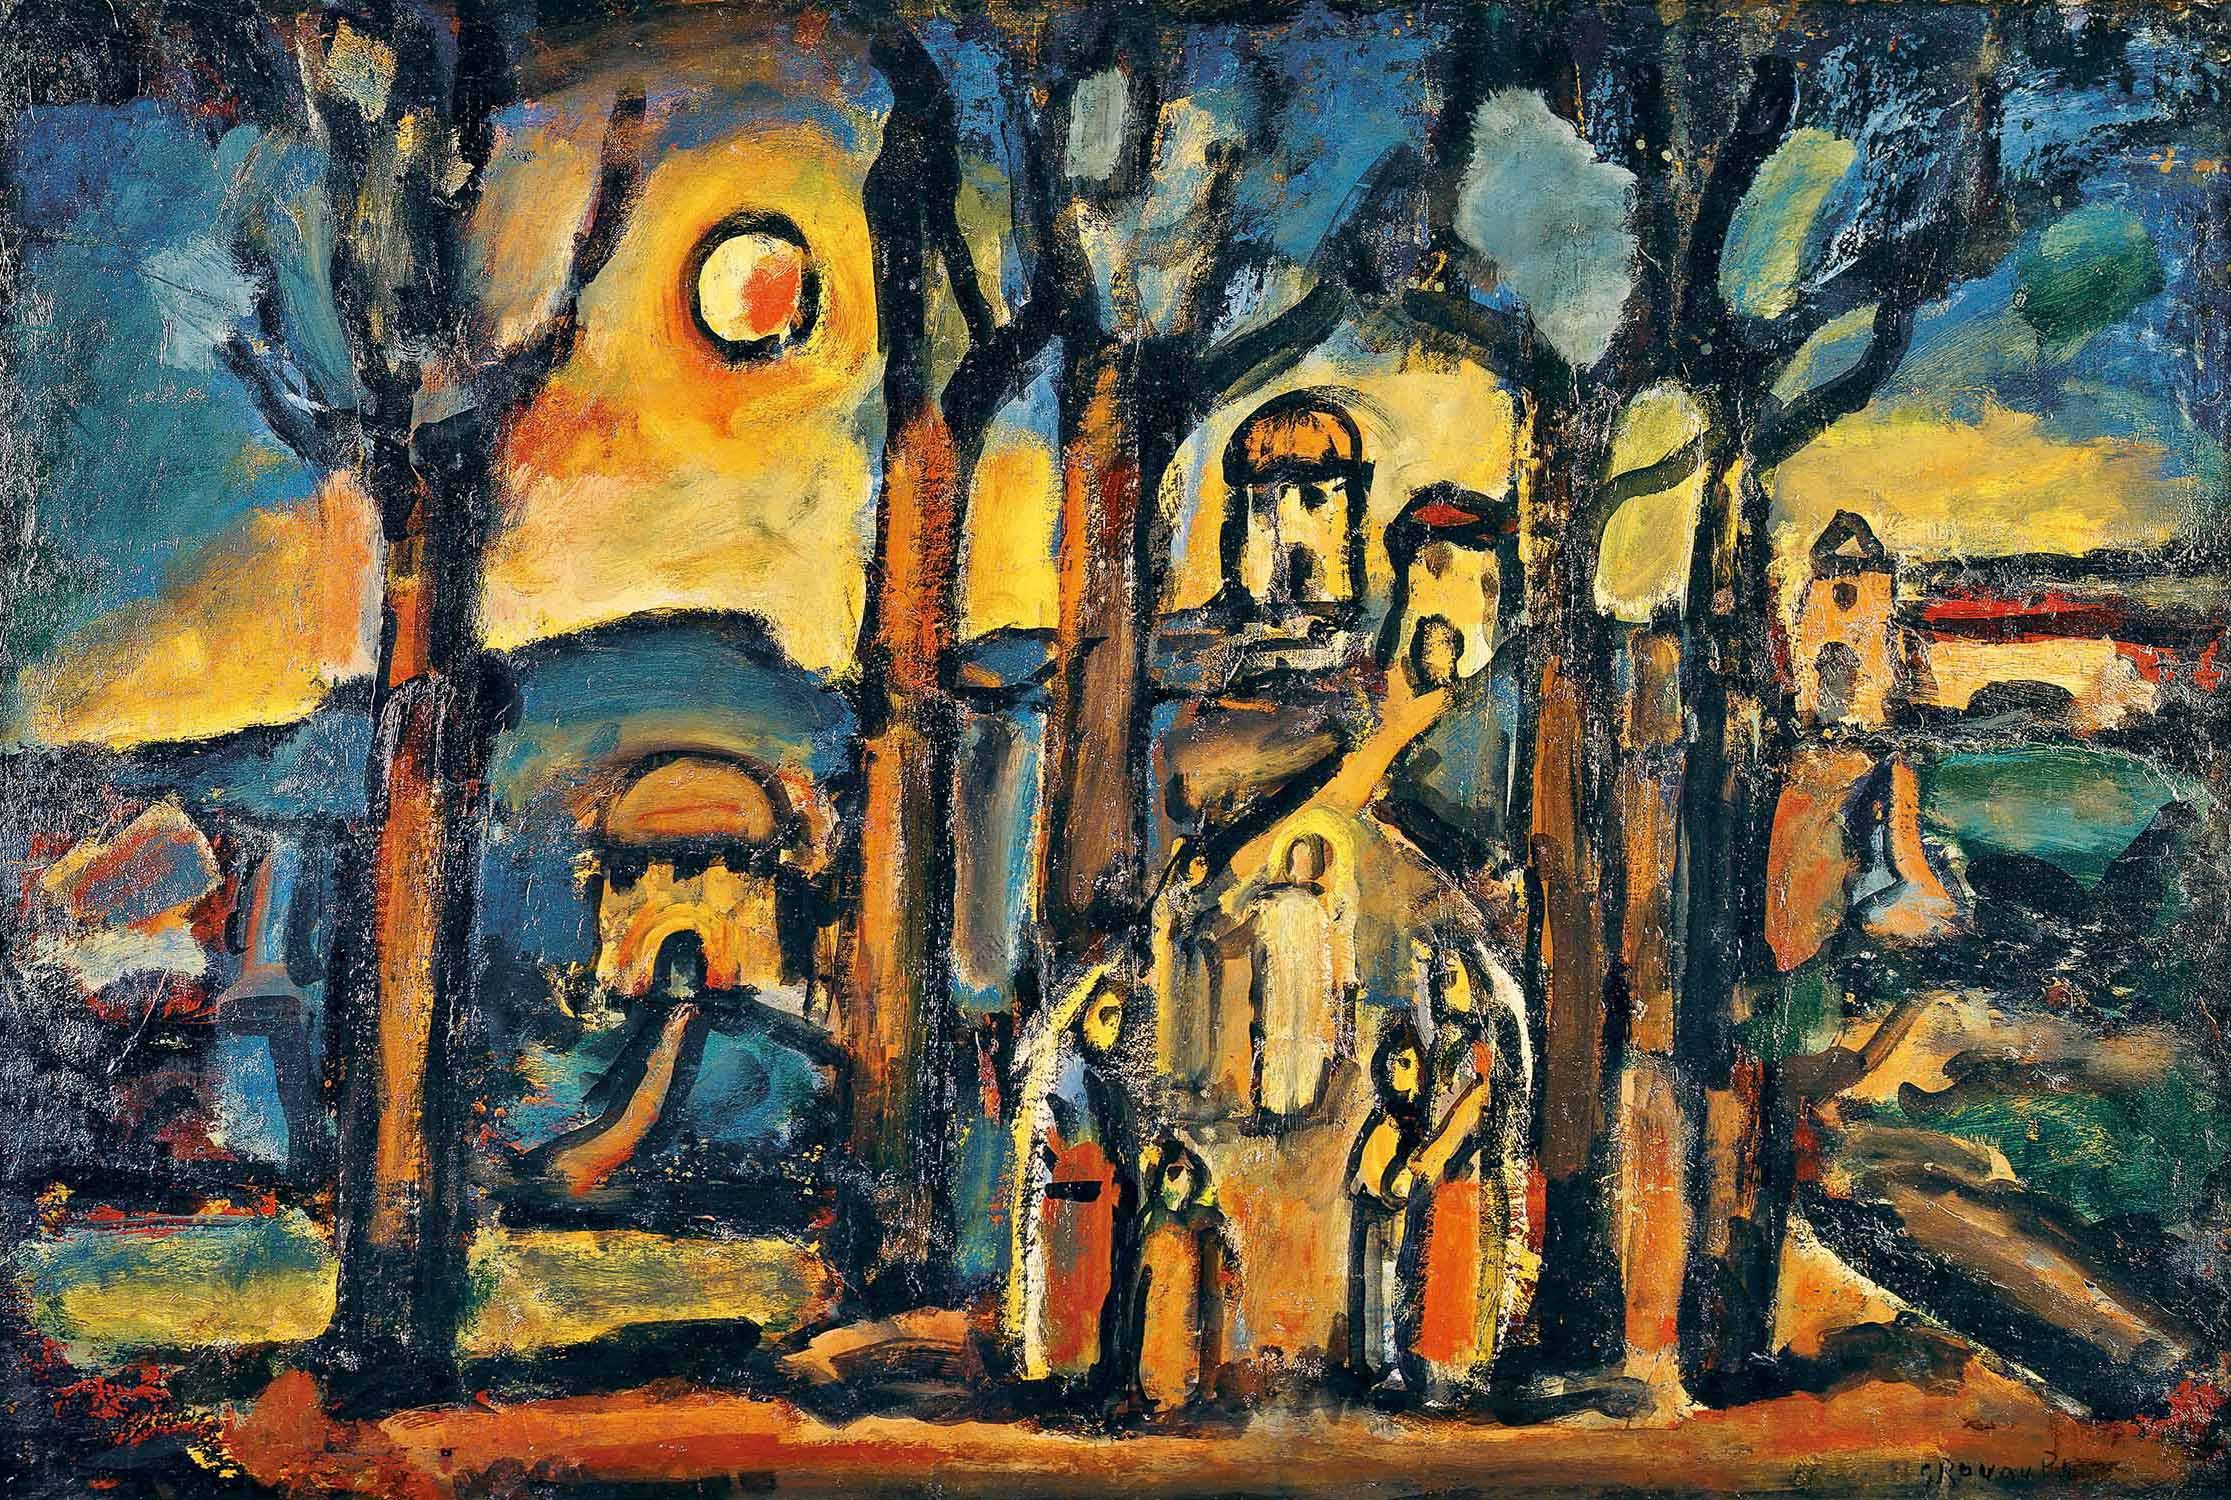 《秋 または ナザレット》1948年、油彩、ヴァチカン美術館蔵、Photo © Governatorato S.C.V. - Direzione dei Musei